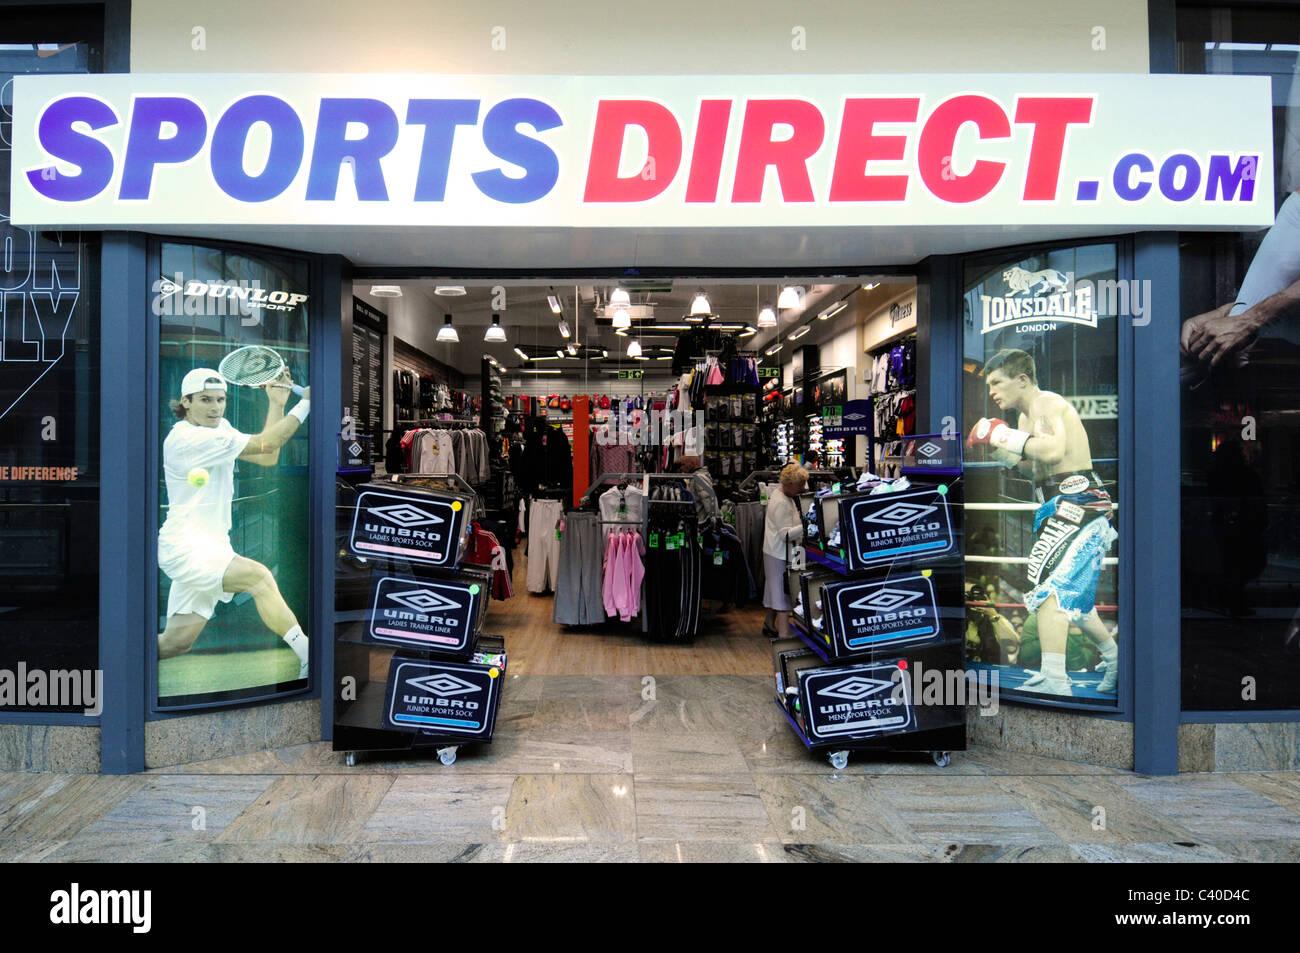 36d0494e9fd6 Sports Direct Com Stock Photos   Sports Direct Com Stock Images - Alamy